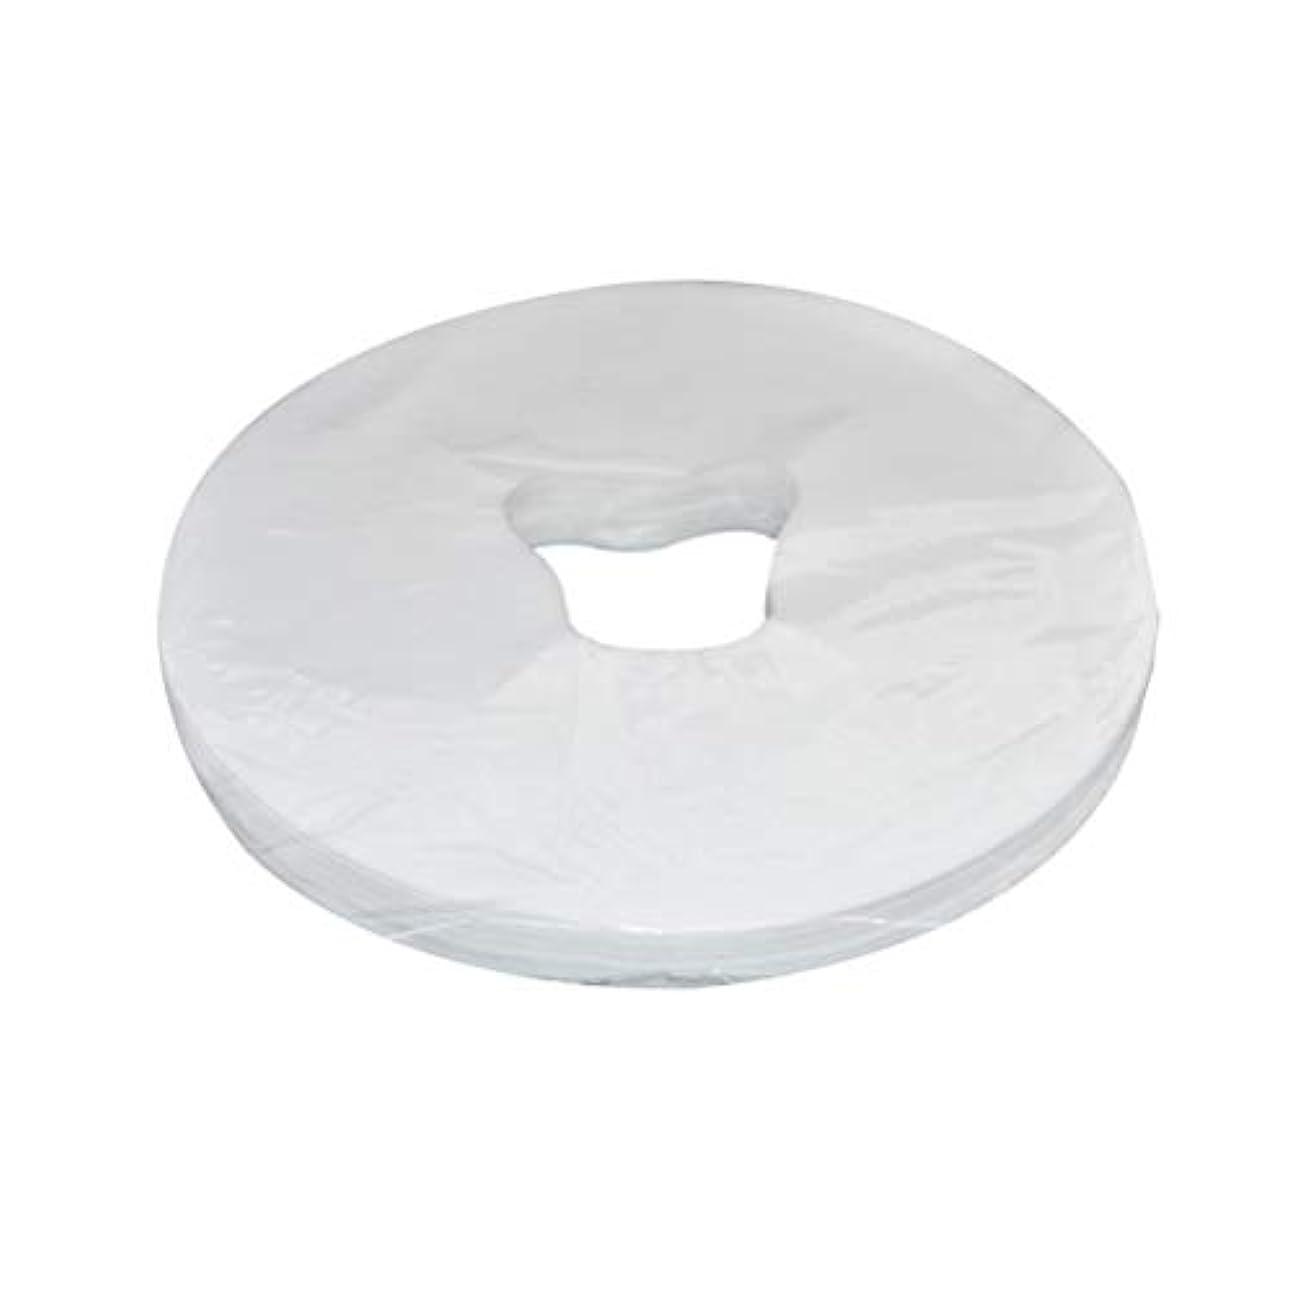 噴出する慣れる姓SUPVOX 100シートマッサージフェイスレストカバー使い捨てフェイスクレードルカバーマッサージヘッドレストカバーSPA美容院マッサージタトゥーホテルマットレスカバー29×28 cm(ホワイト)